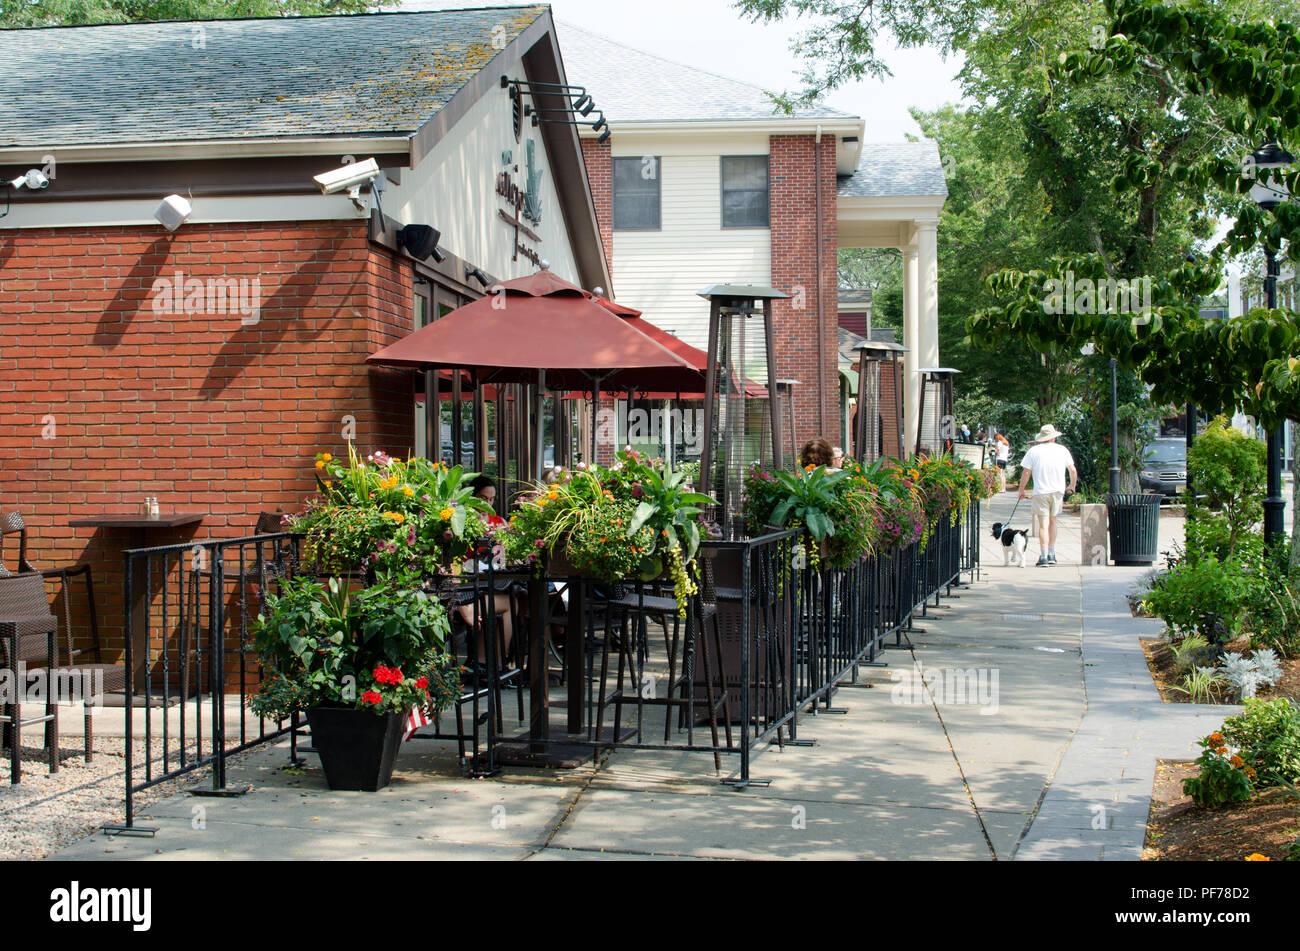 Le centre-ville de Falmouth, Cape Cod, Massachusetts USA avec des personnes coin extérieur à l'Anejo restaurant mexicain et personnes marchant sur un trottoir Photo Stock